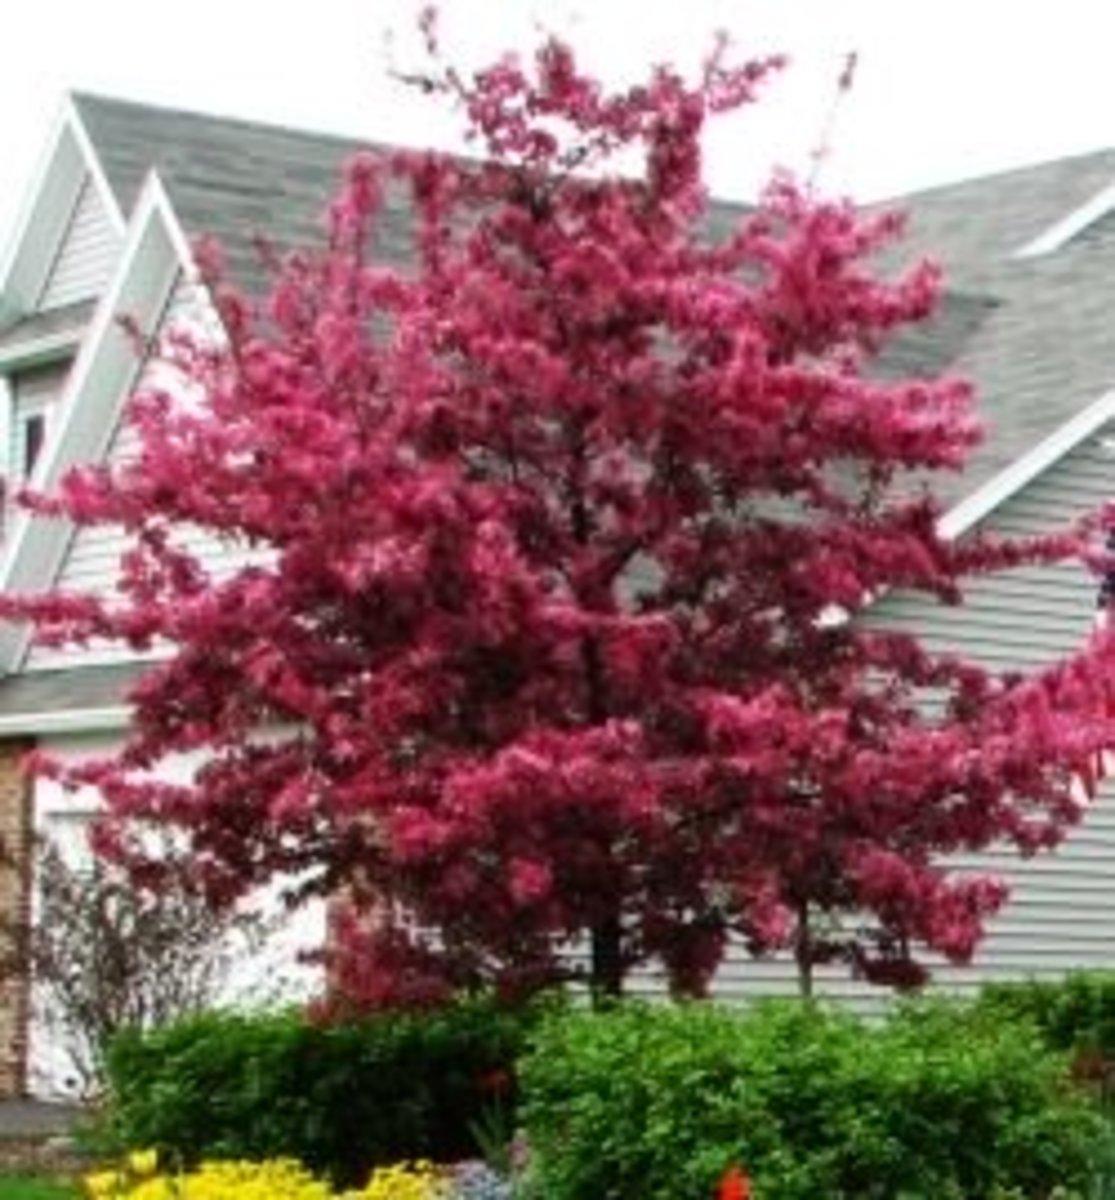 Árboles frutales florecen en septiembre - Pregunte a un experto